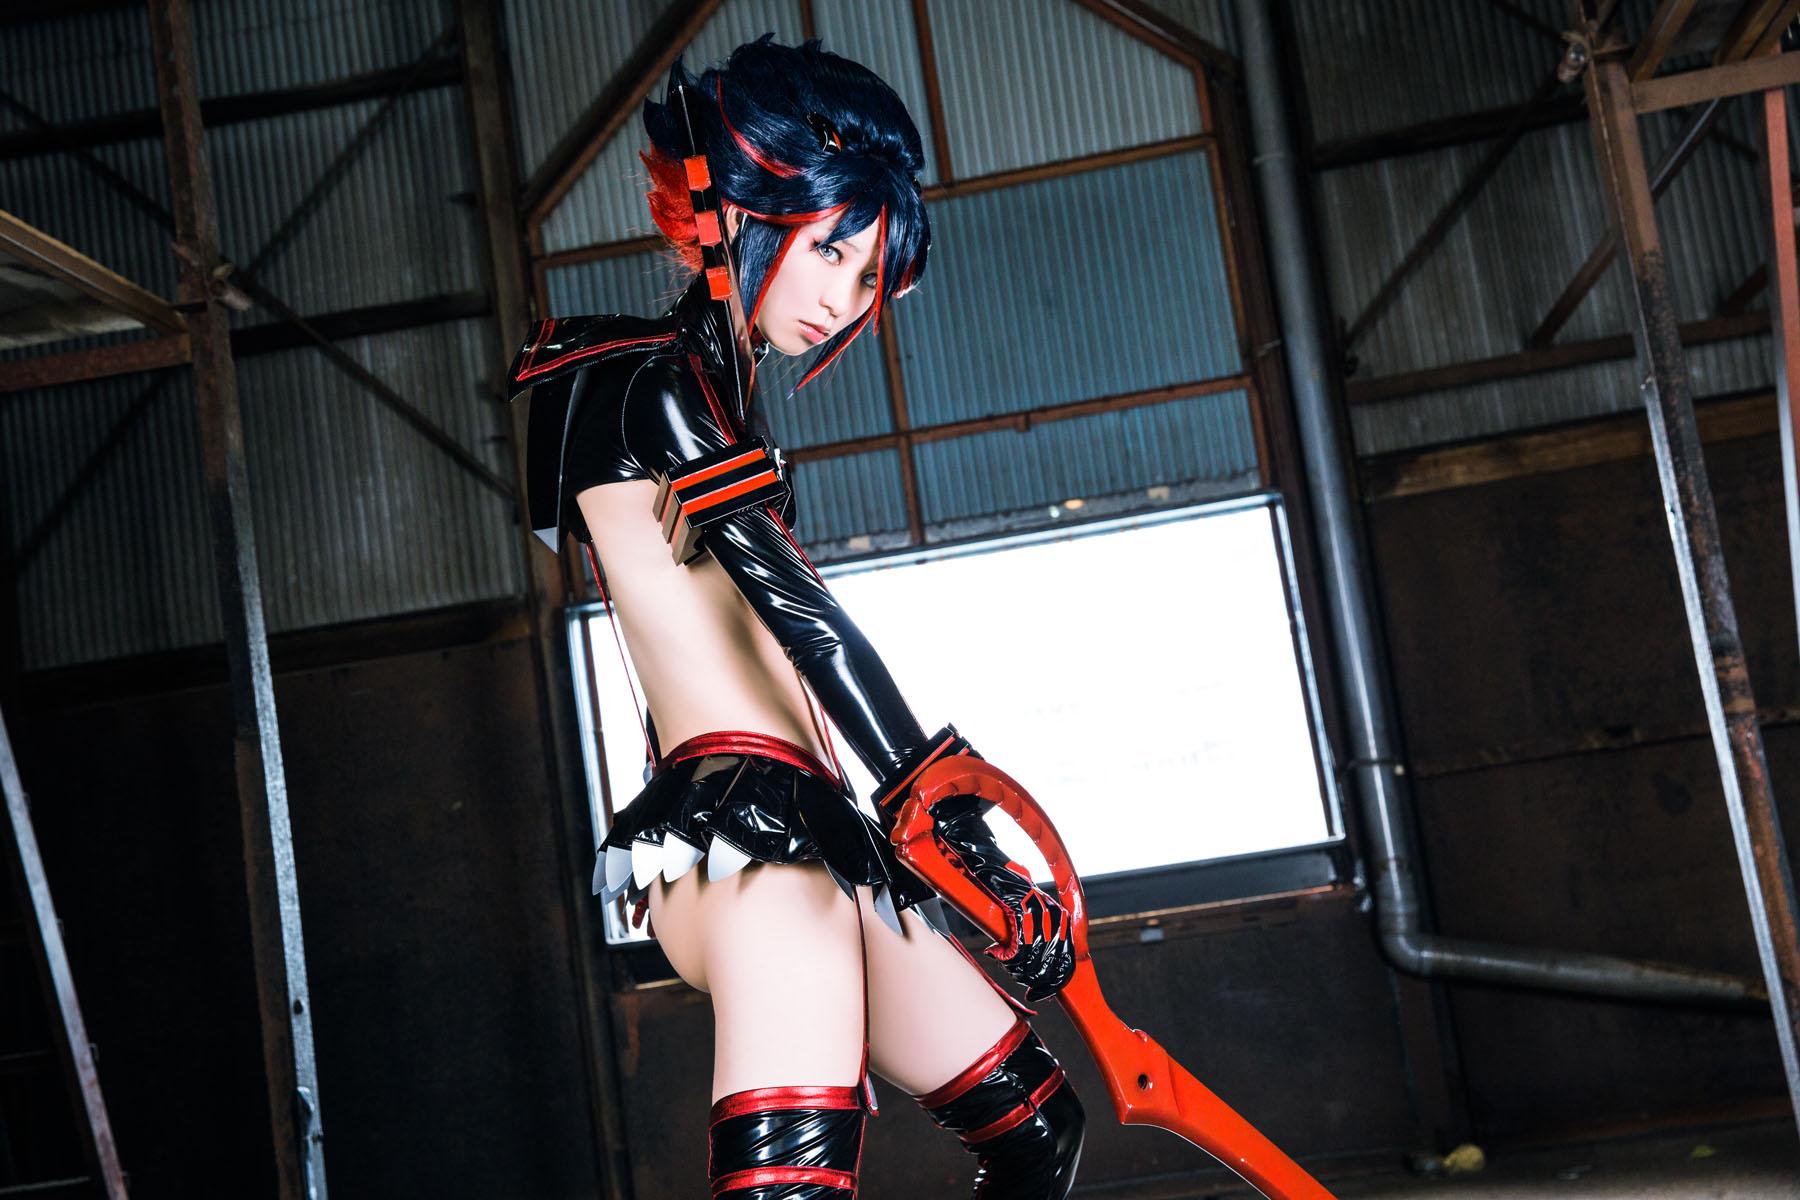 Kill la Kill Ryuuko Matoi anime cosplay by Mikehouse 0024